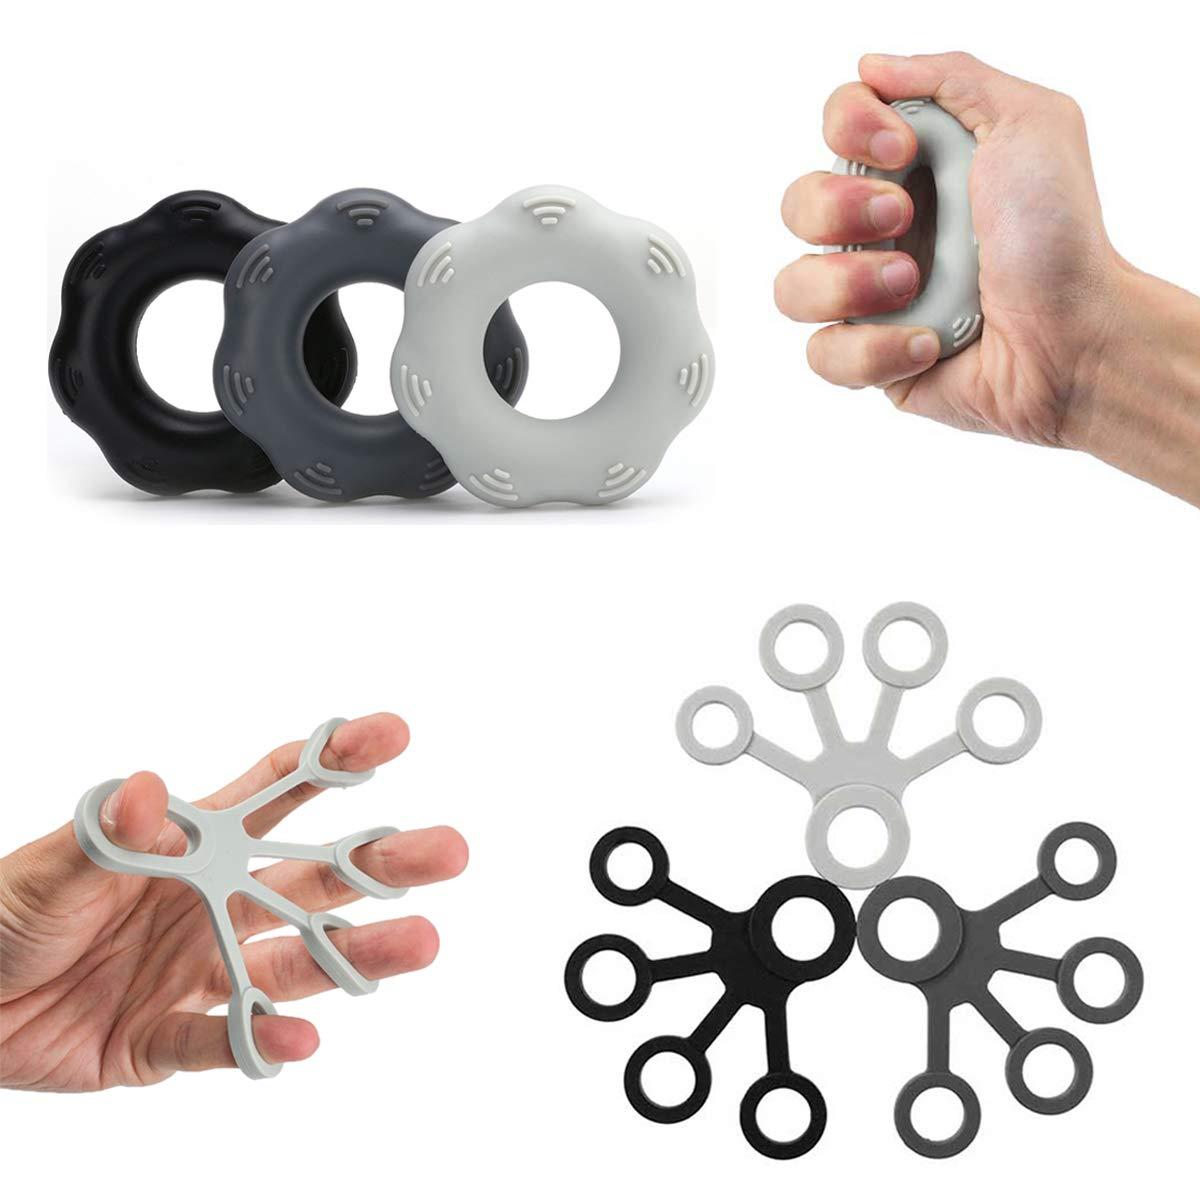 Doufit Upgraded Finger Strengthener Grip Resistance Bands, Finger Stretcher, Grip Strength Trainer Ring, Finger Extensor, Silicone Hand Exerciser Set 6 Pcs